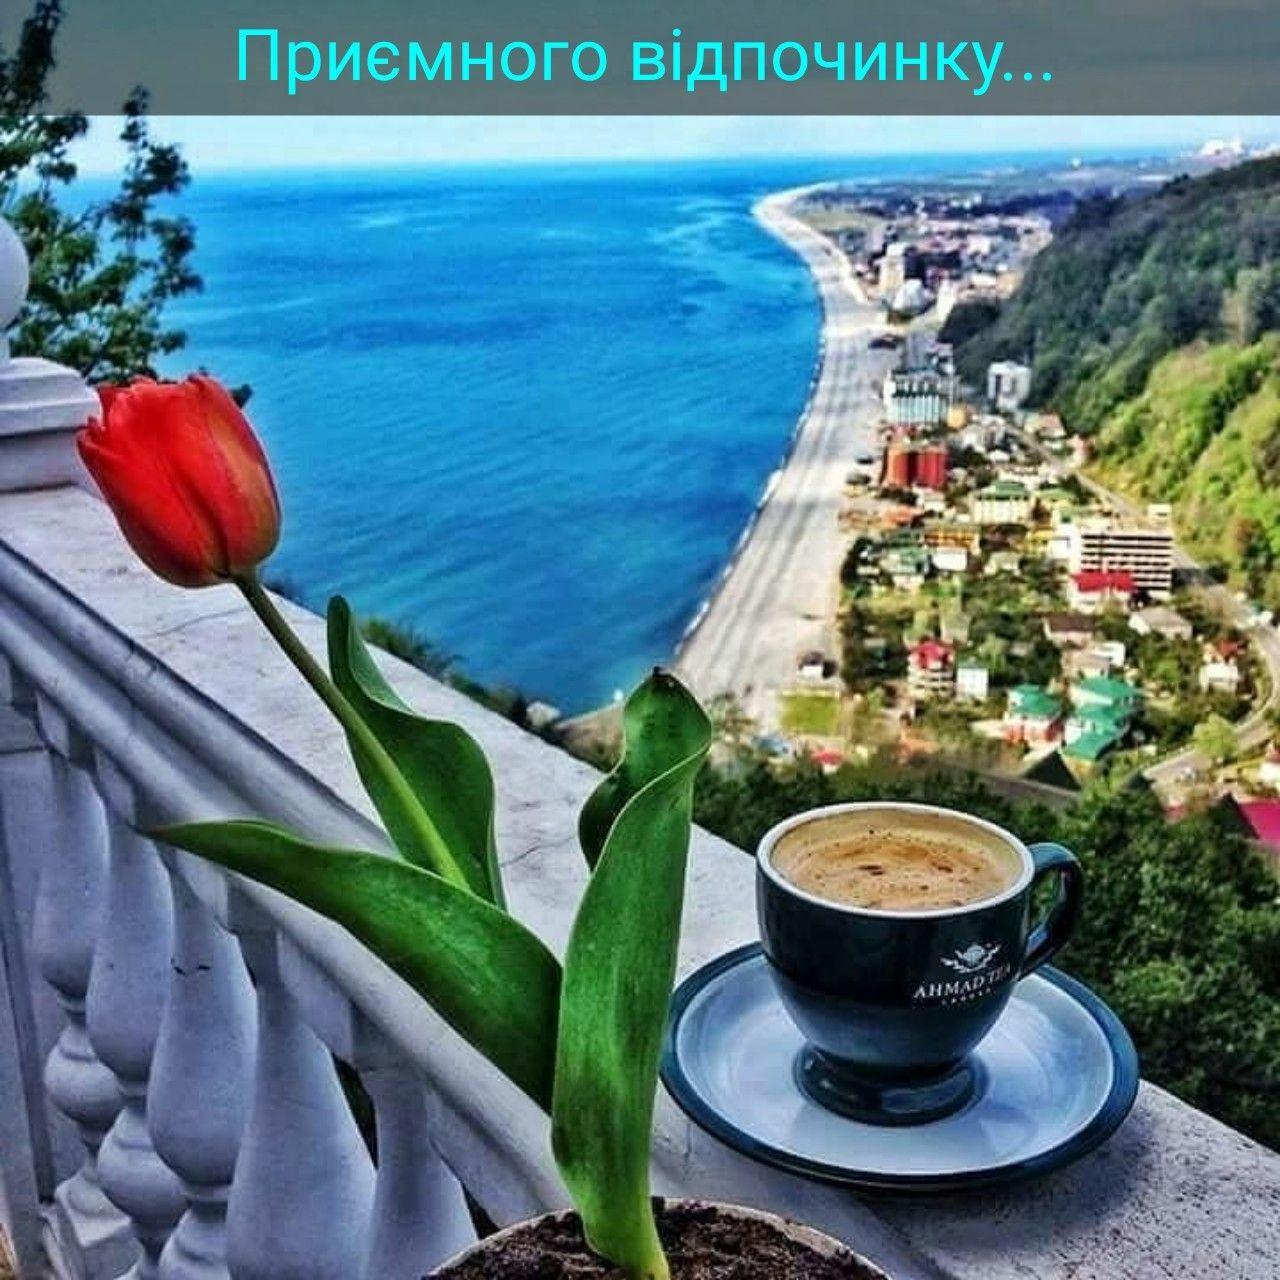 новые пожелание доброго утра на фоне морского пейзажа самая